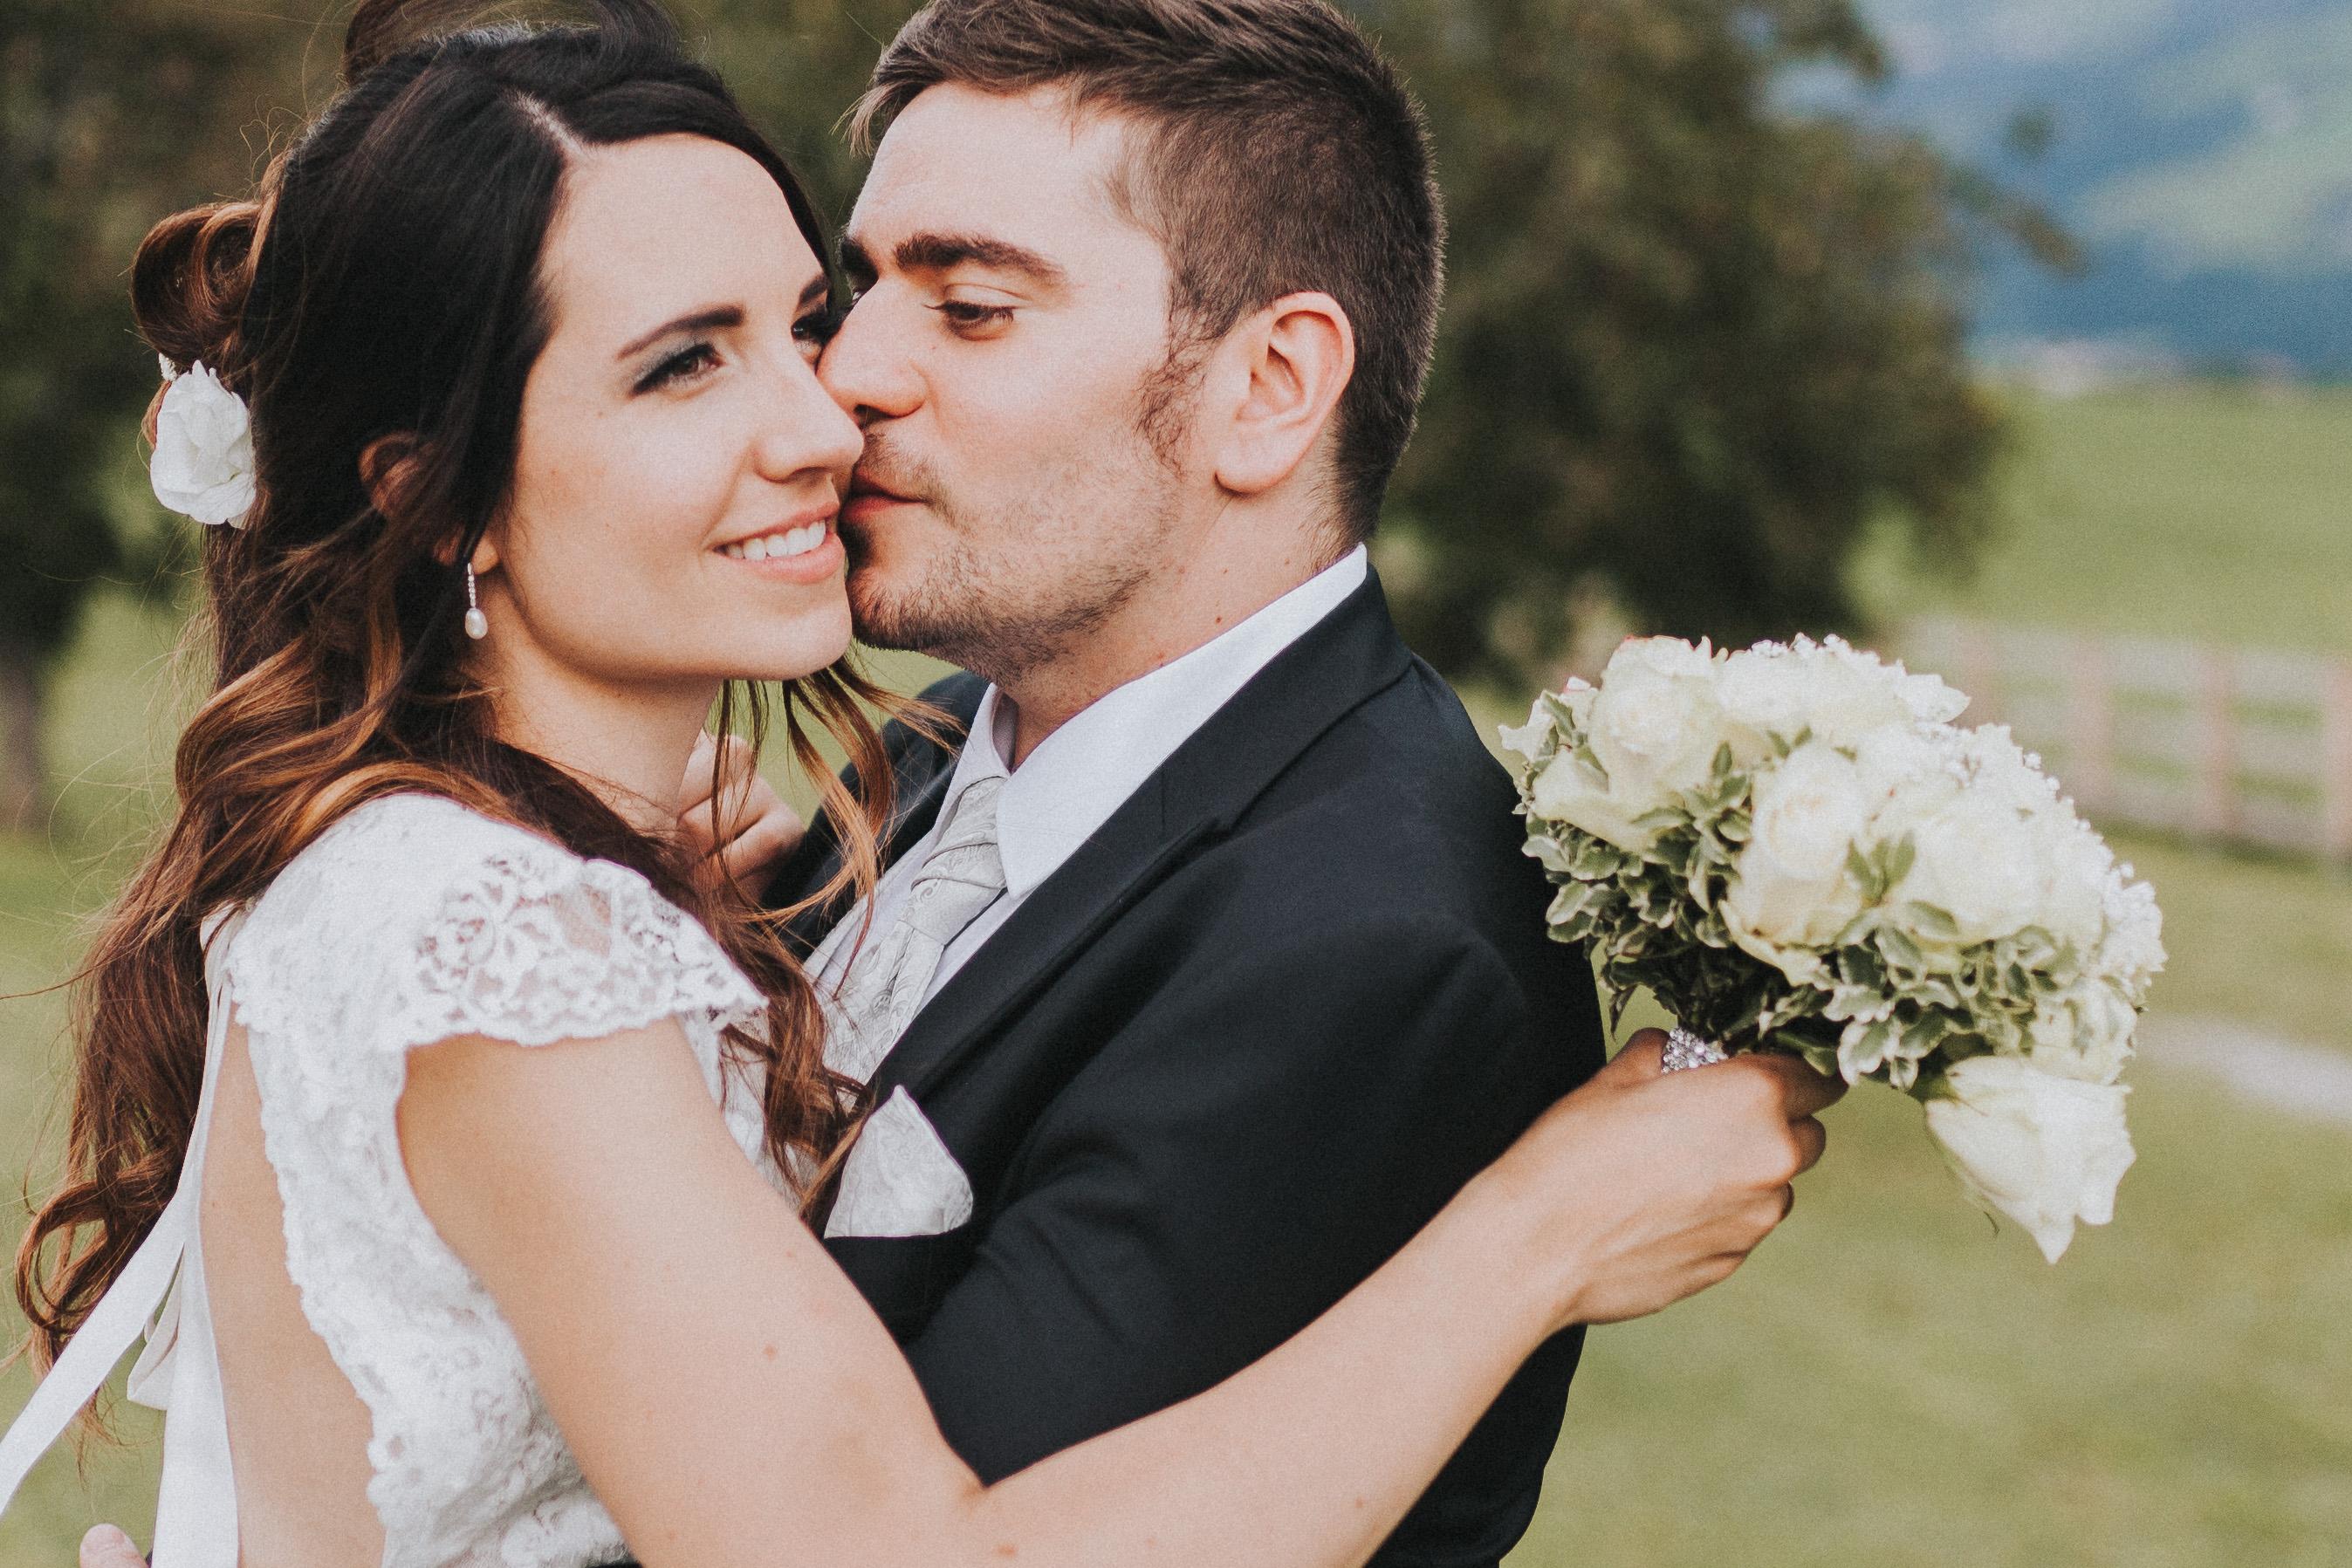 Traumlicht – Hochzeitsfotografie in Tirol